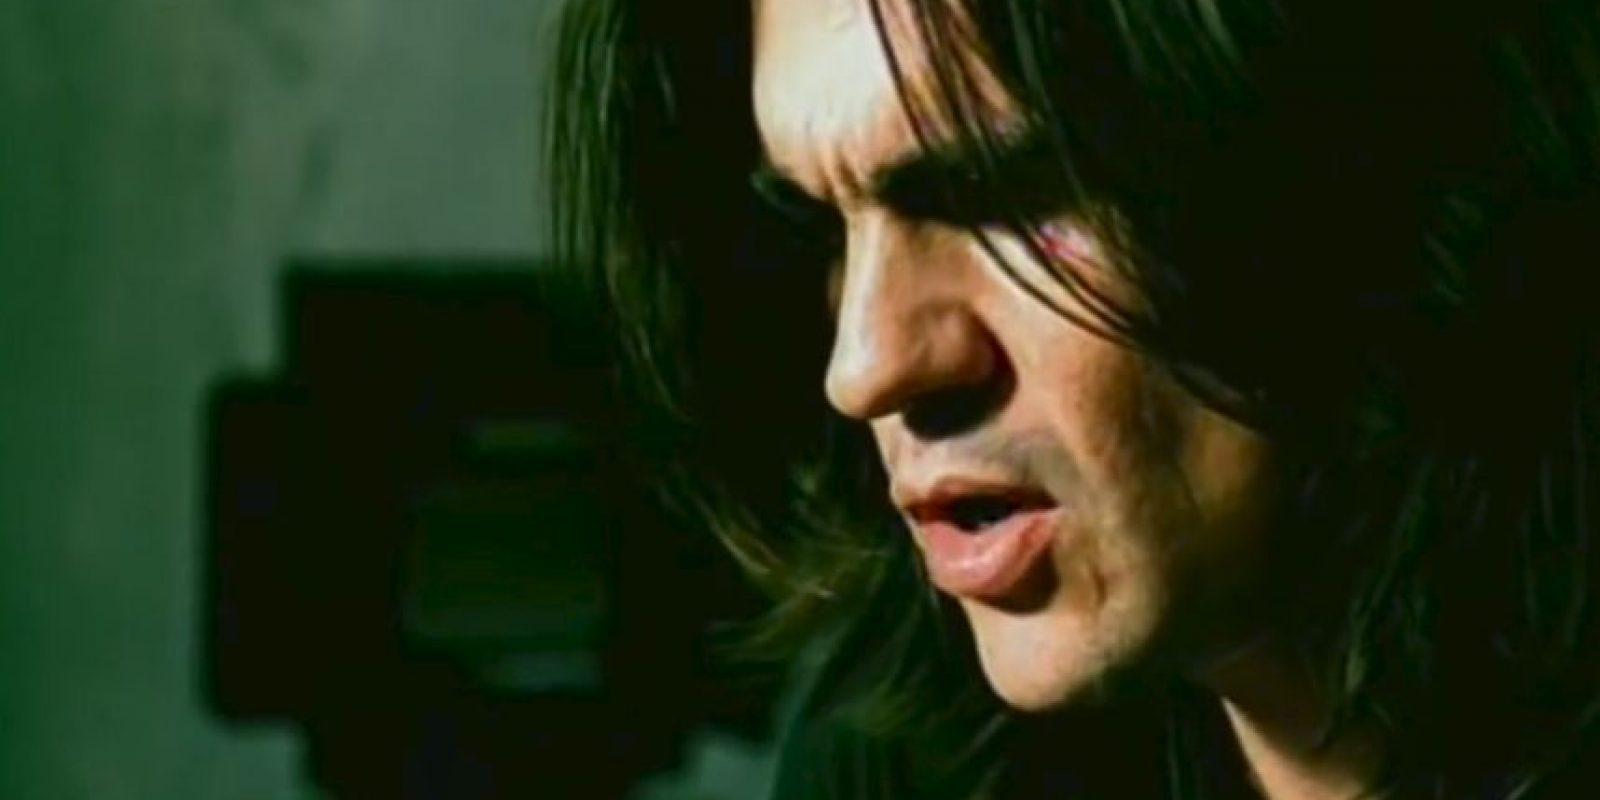 Esta romántica melodía es del cantante colombiano Juanes. Foto:Vía youtube.com/user/JuanesVEVO